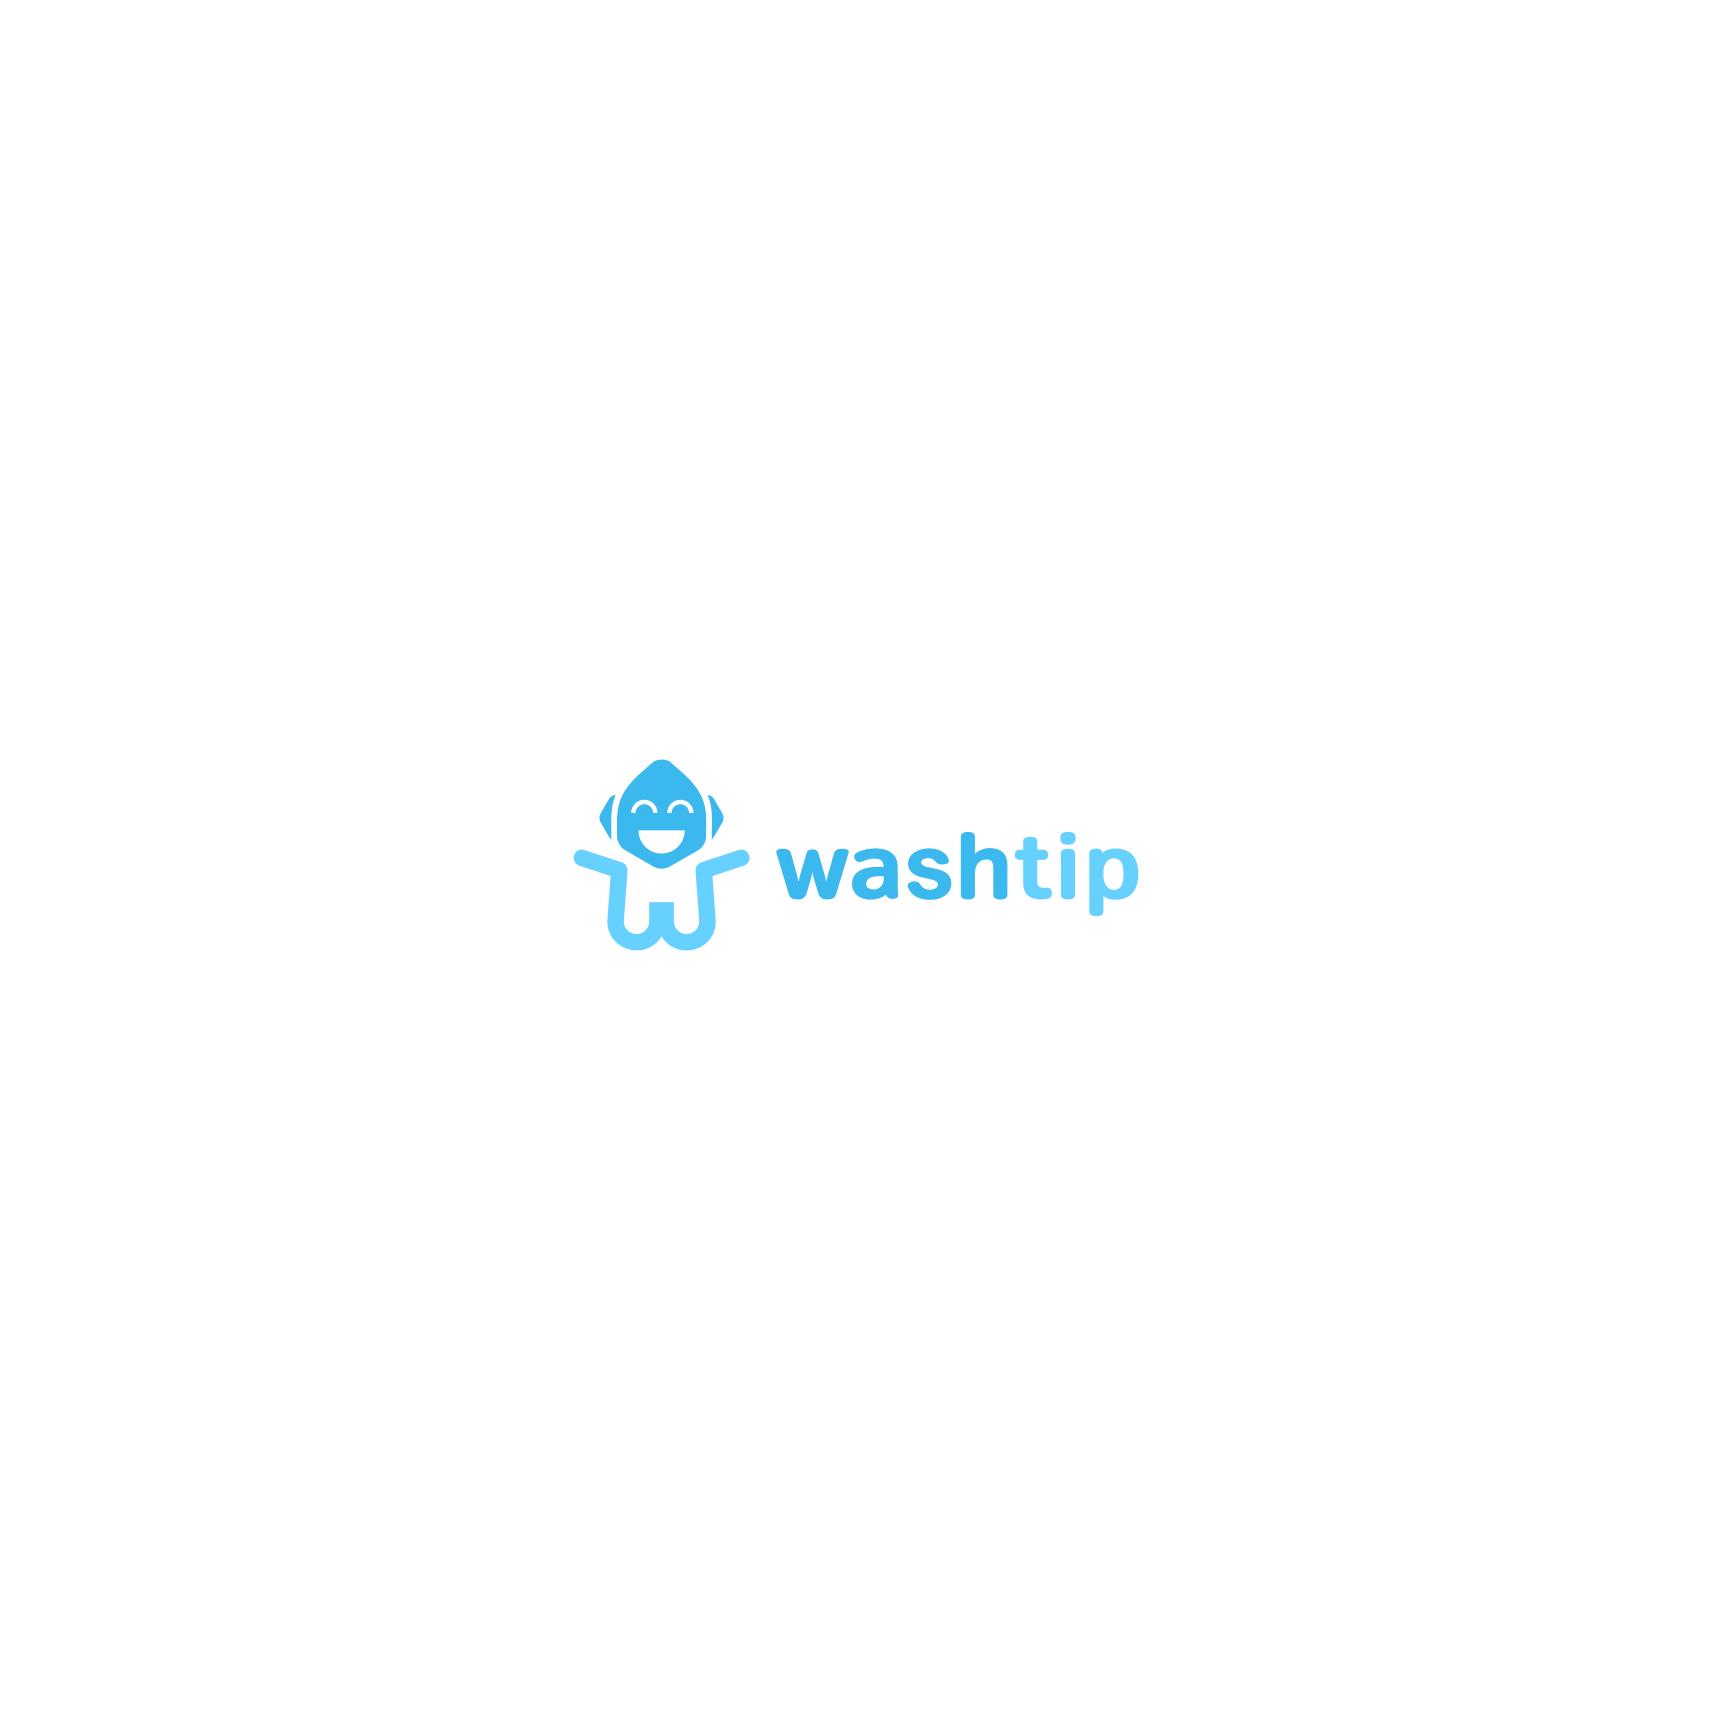 Разработка логотипа для онлайн-сервиса химчистки фото f_0695c0a967bc056b.png